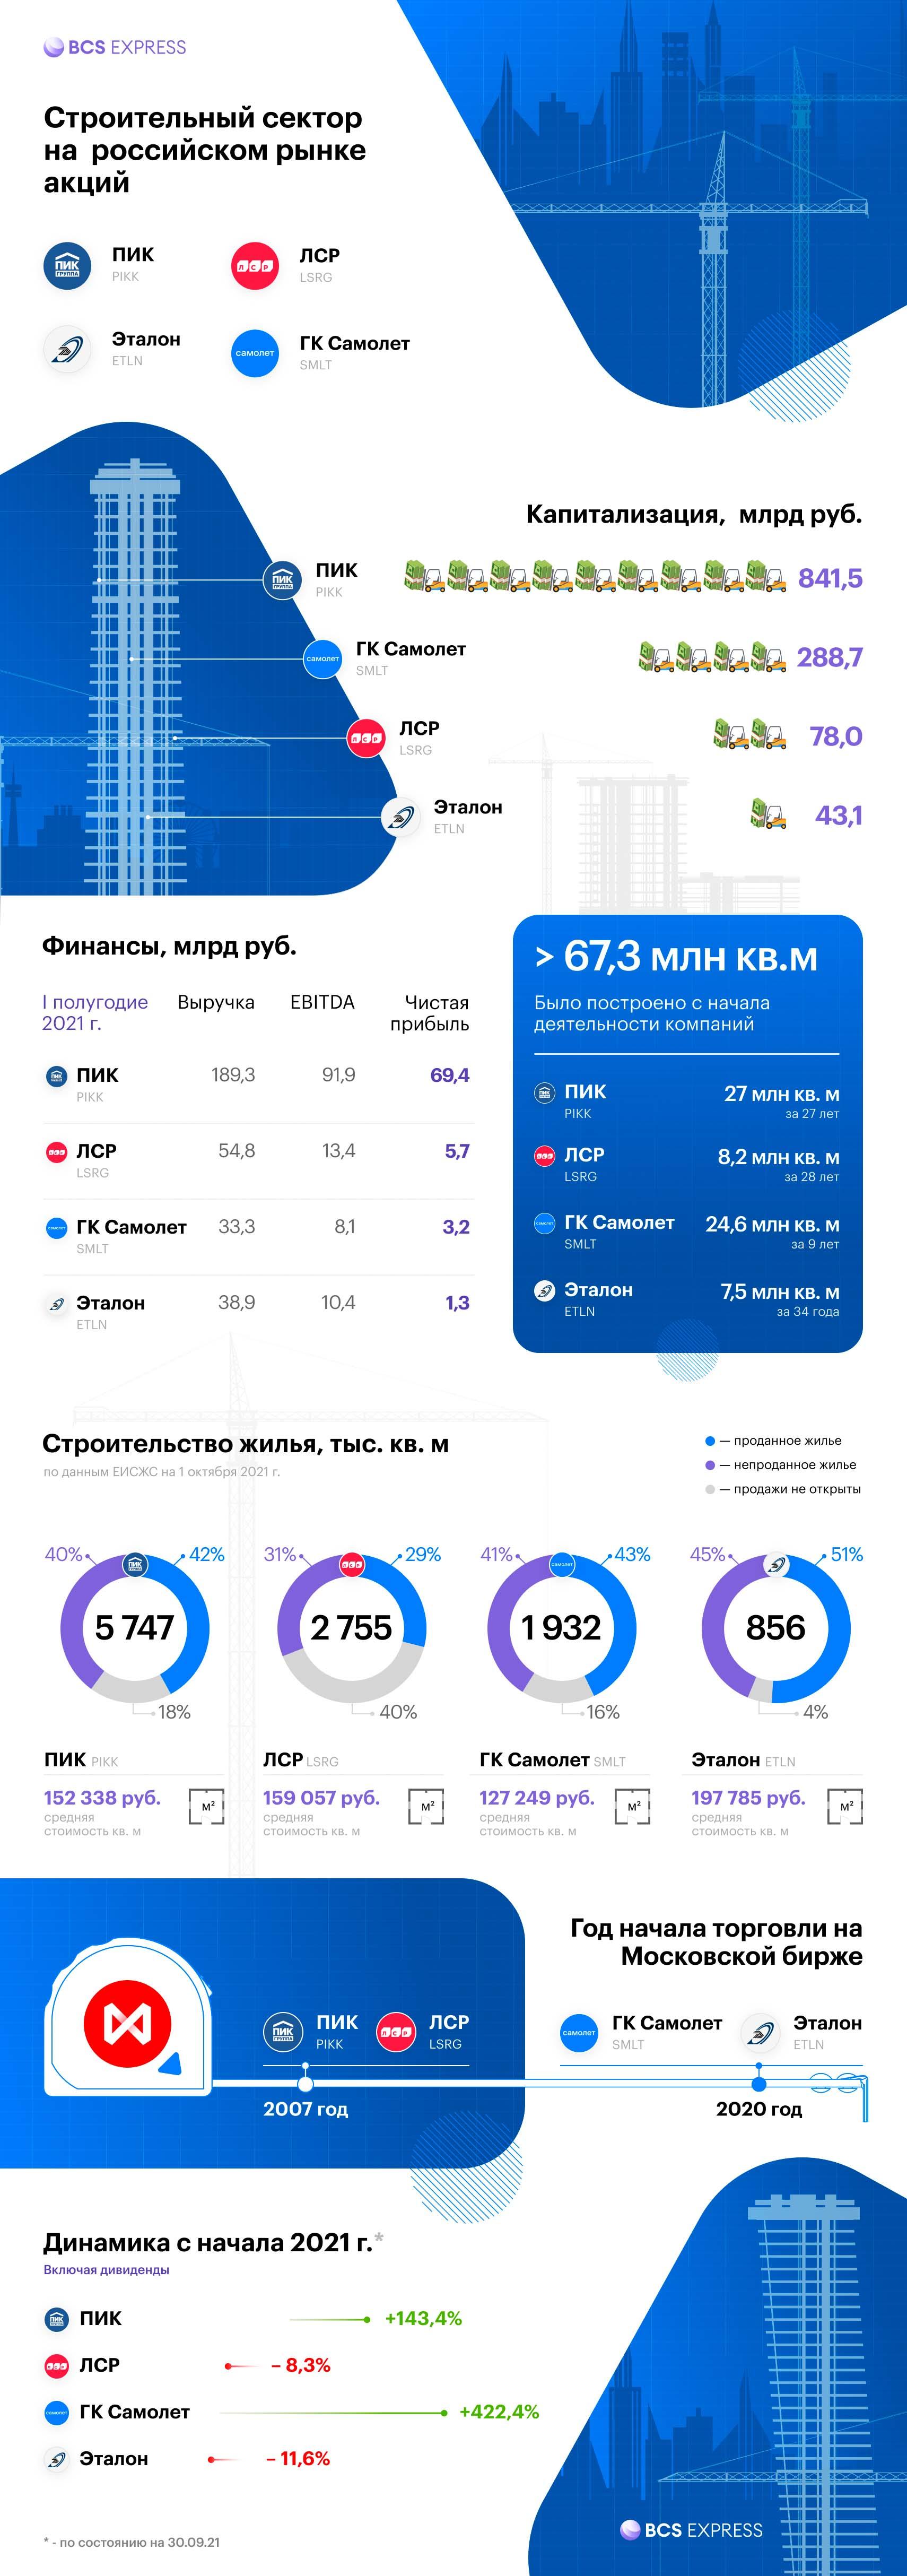 Строительный сектор на Московской бирже. Инфографика